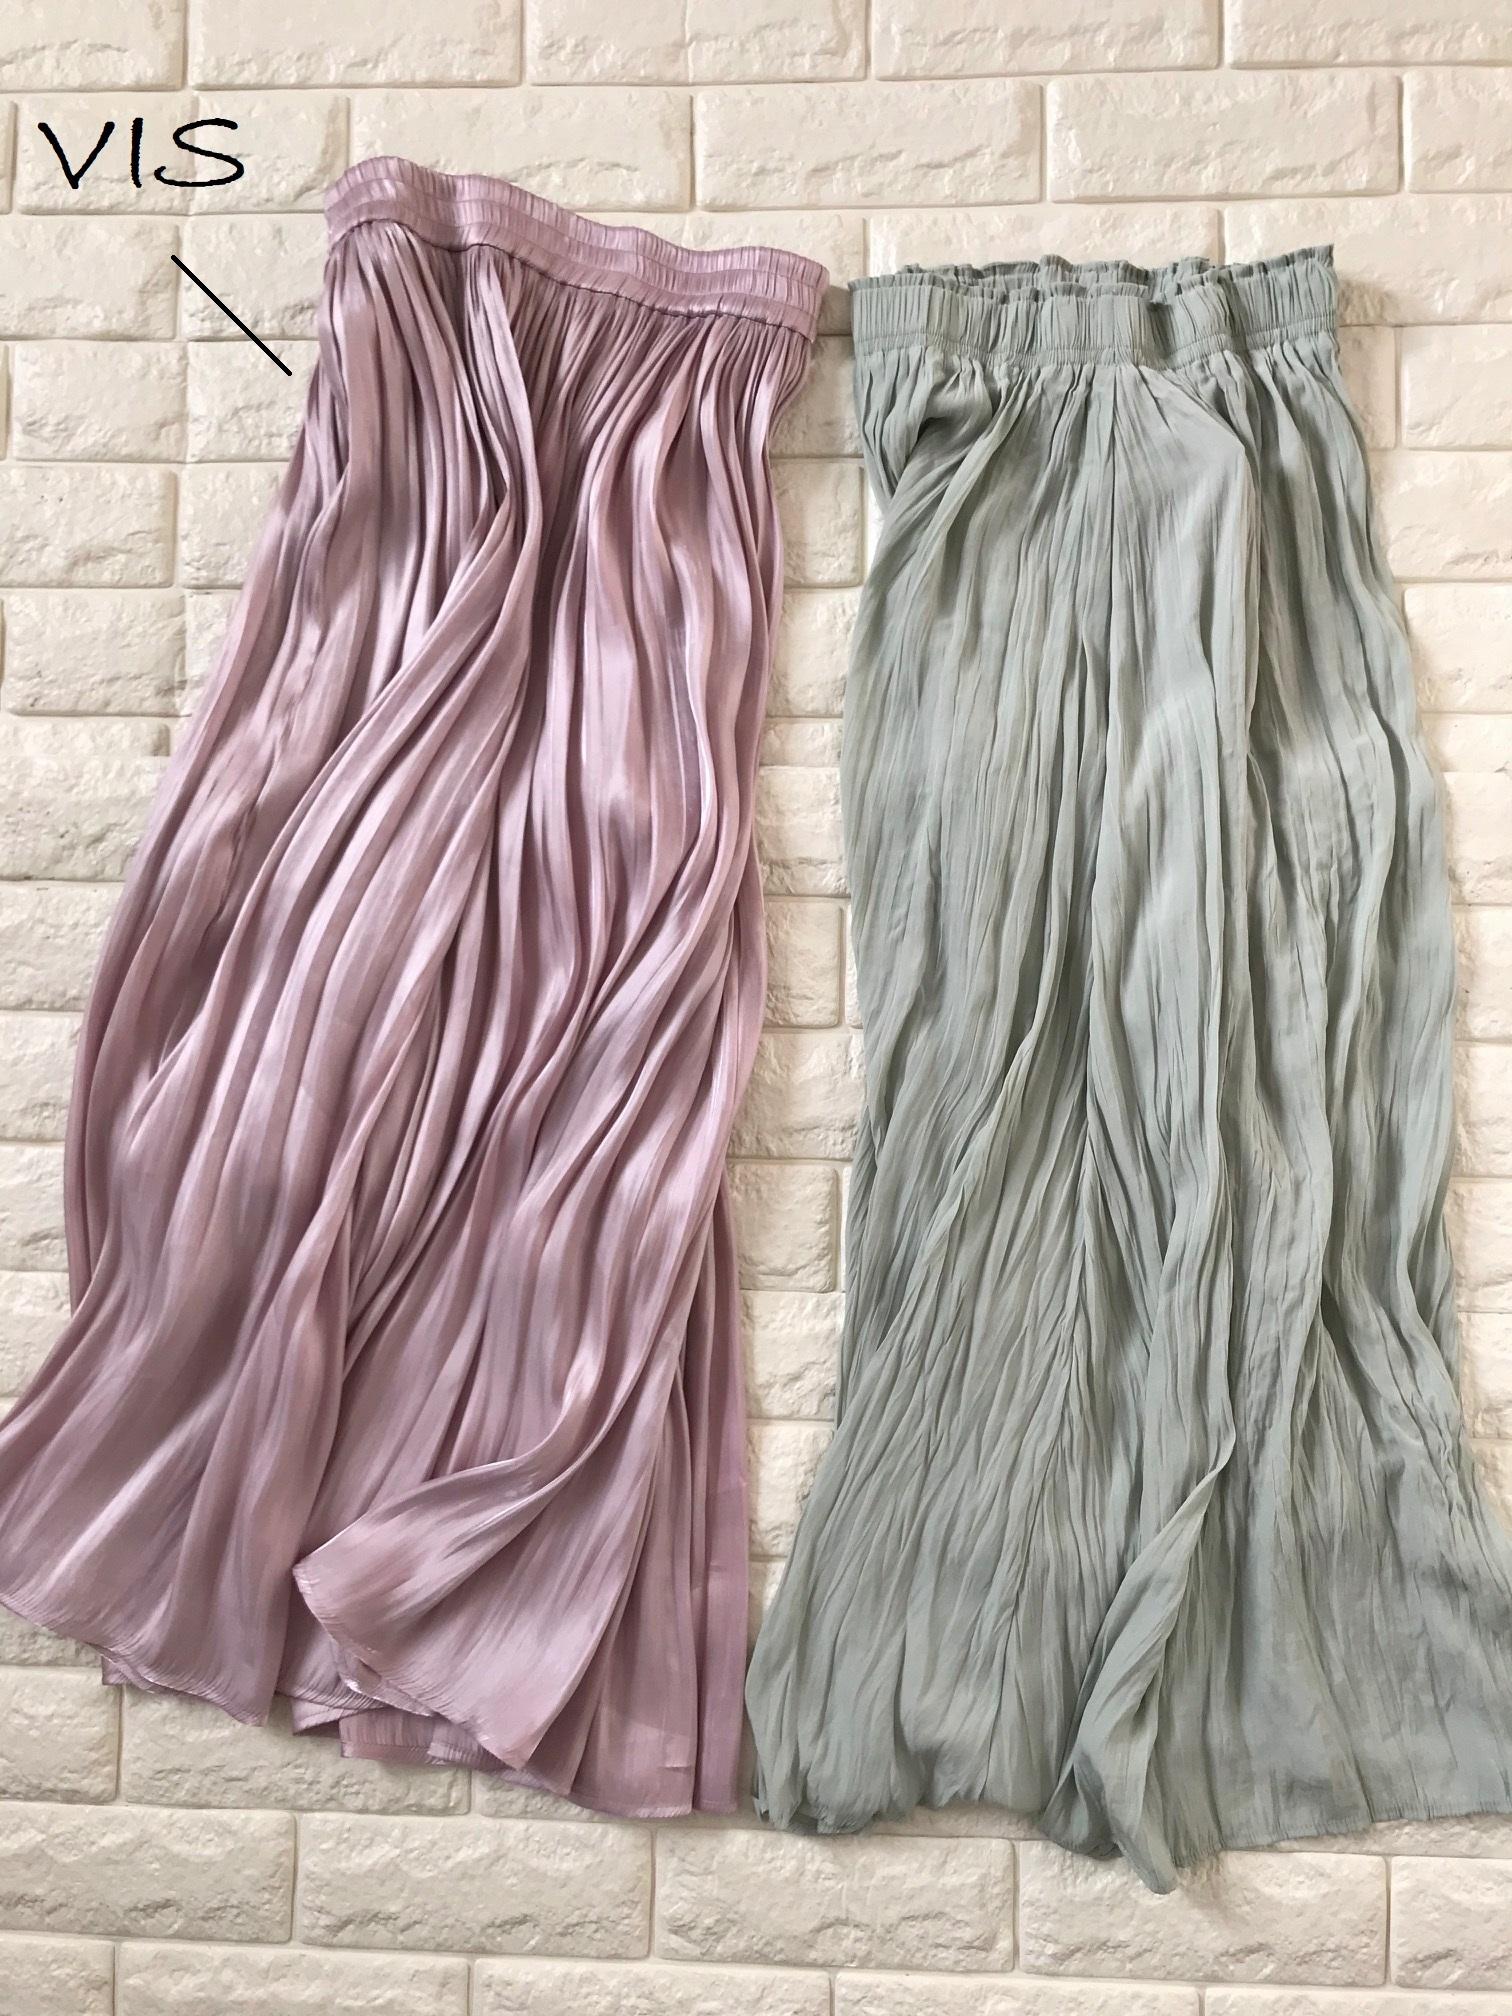 センスオブプレイスとVISのスカート並列画像